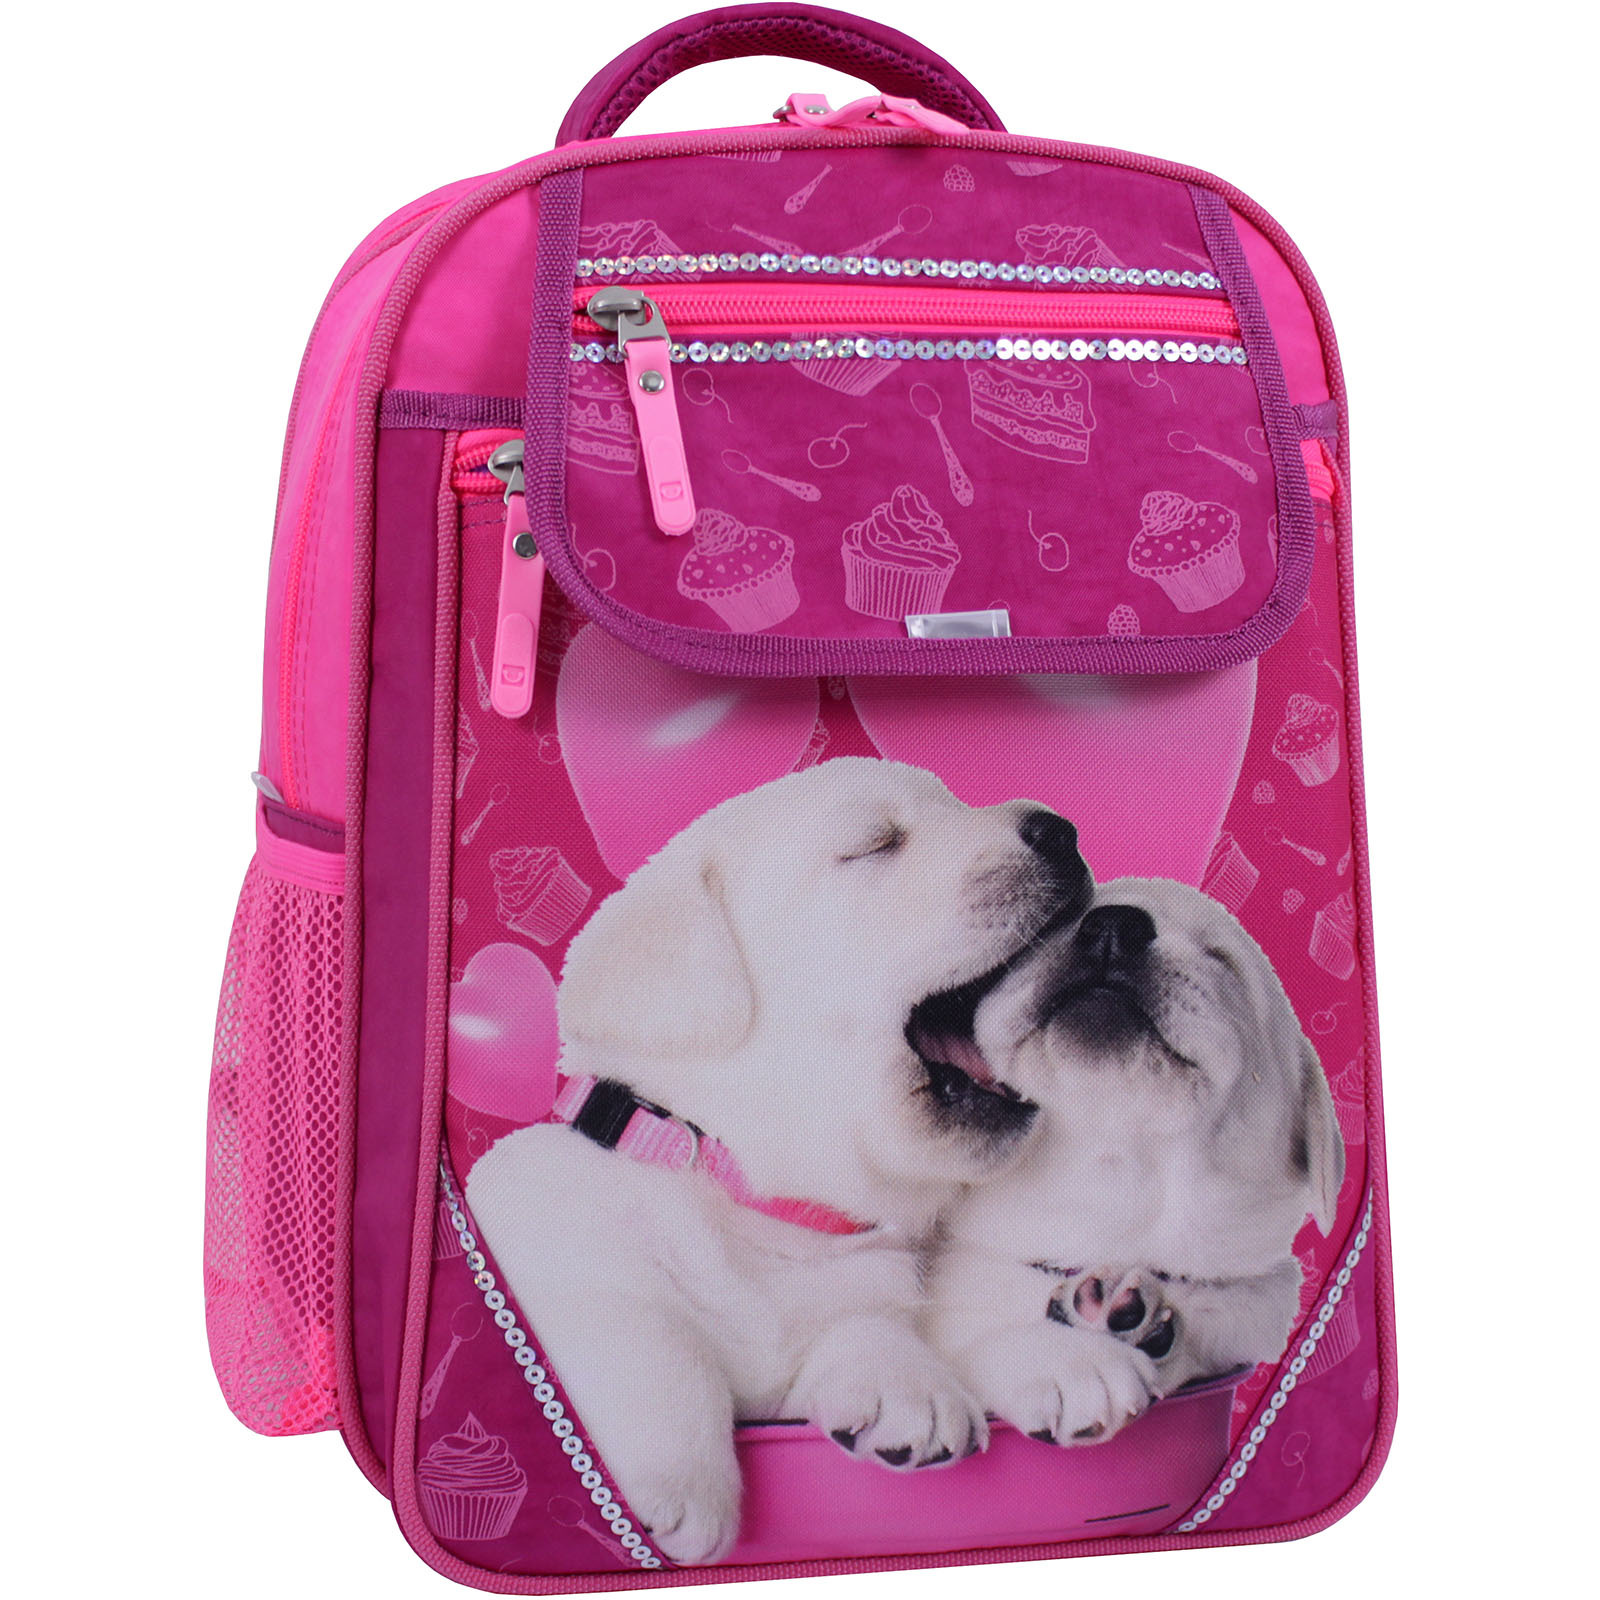 Рюкзак школьный Bagland Отличник 20 л. Малиновый 593 (0058070) фото 1